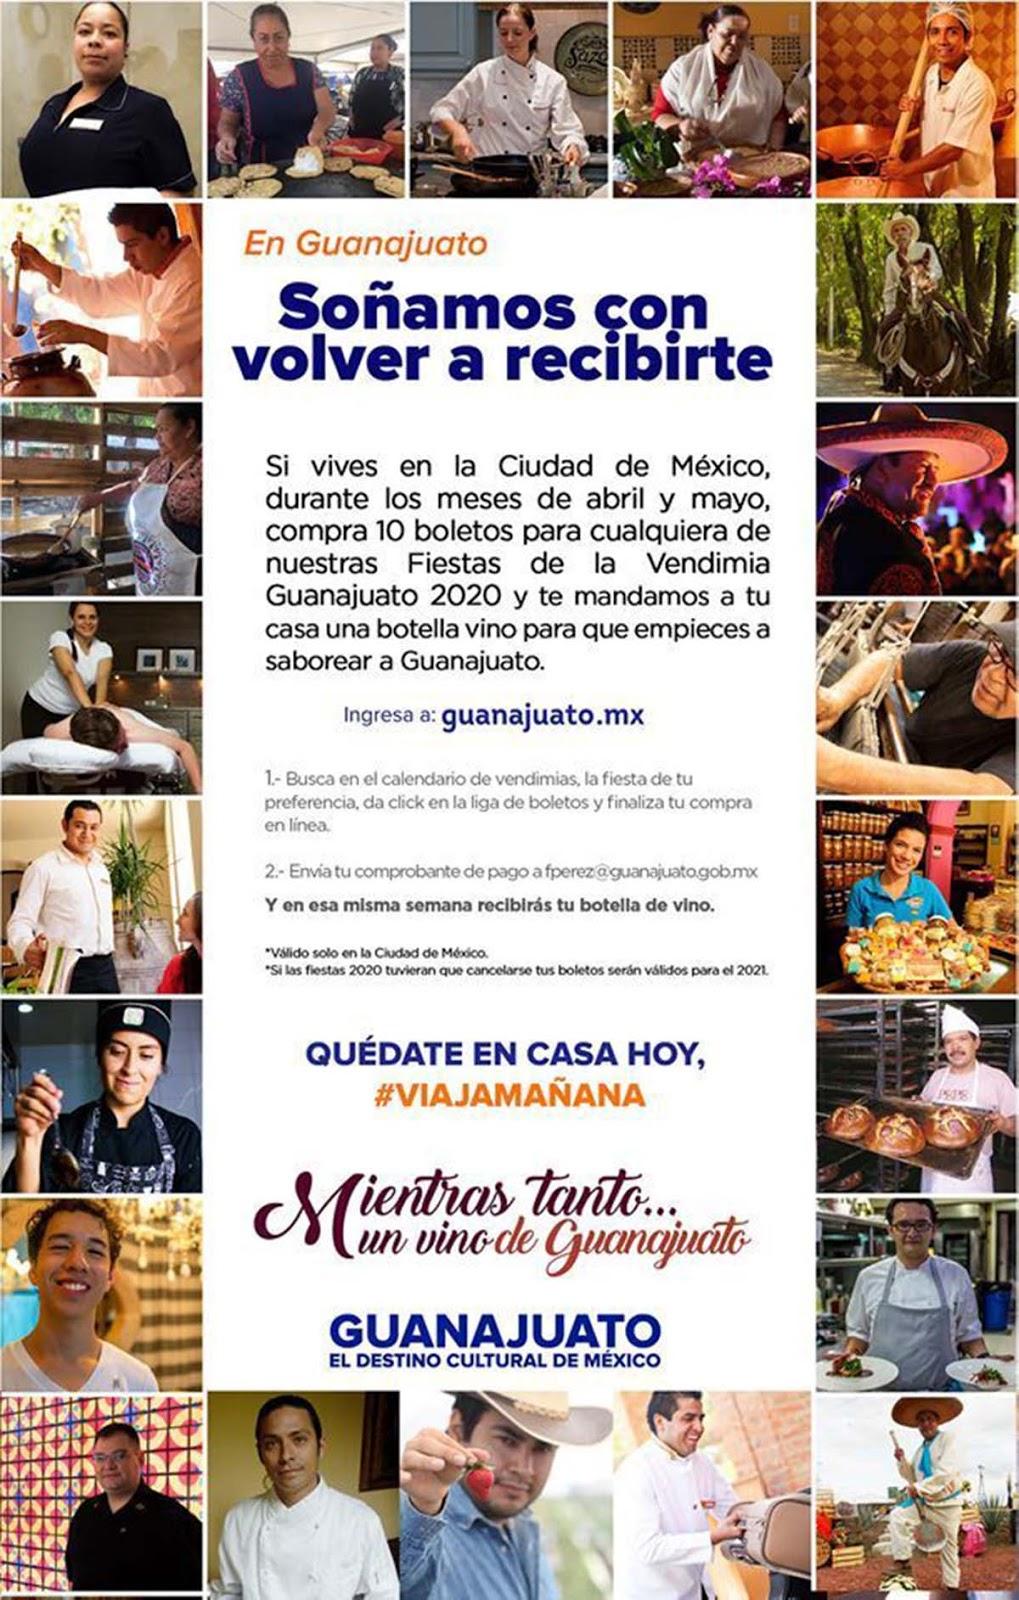 GUANAJUATO LANZA INNOVADORA CAMPAÑA PROMOVER VENDIMIAS 02